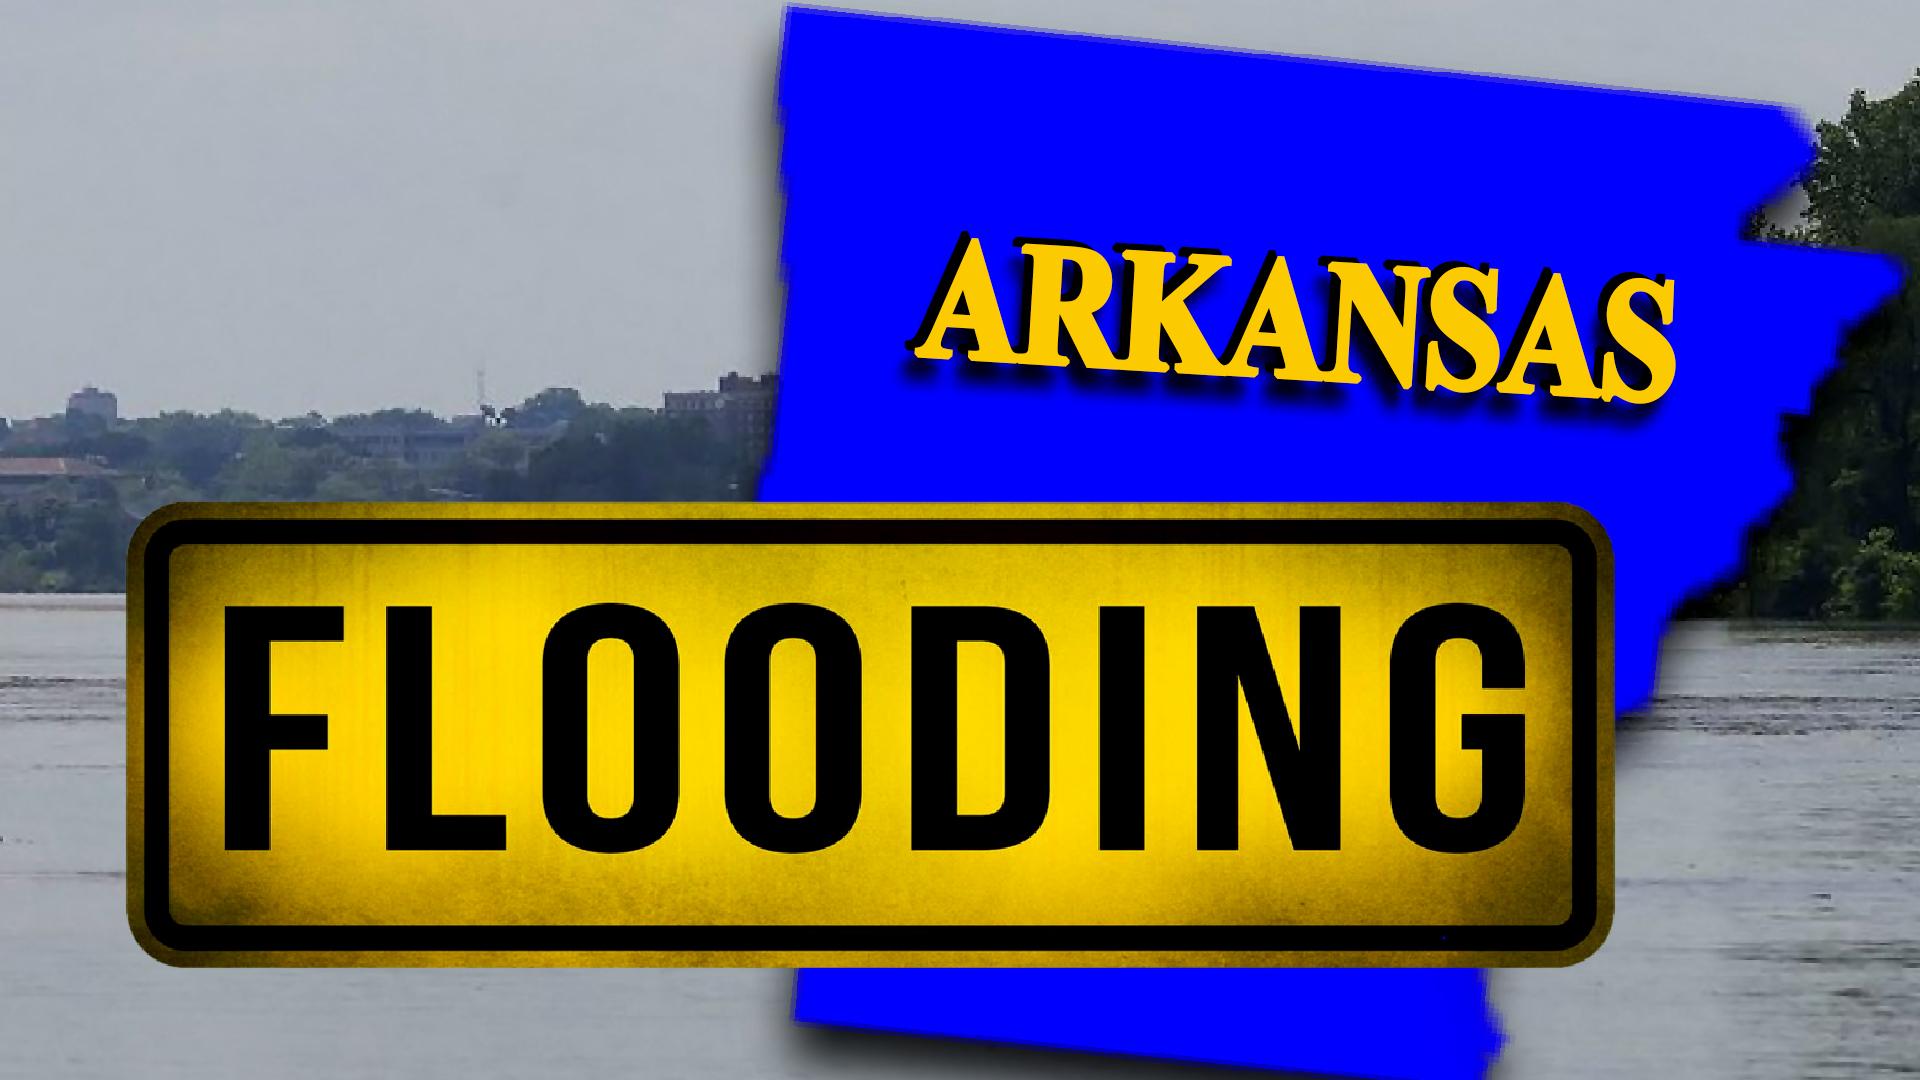 FLOODING + ARKANSAS MAP_1559116612400.jpg.jpg